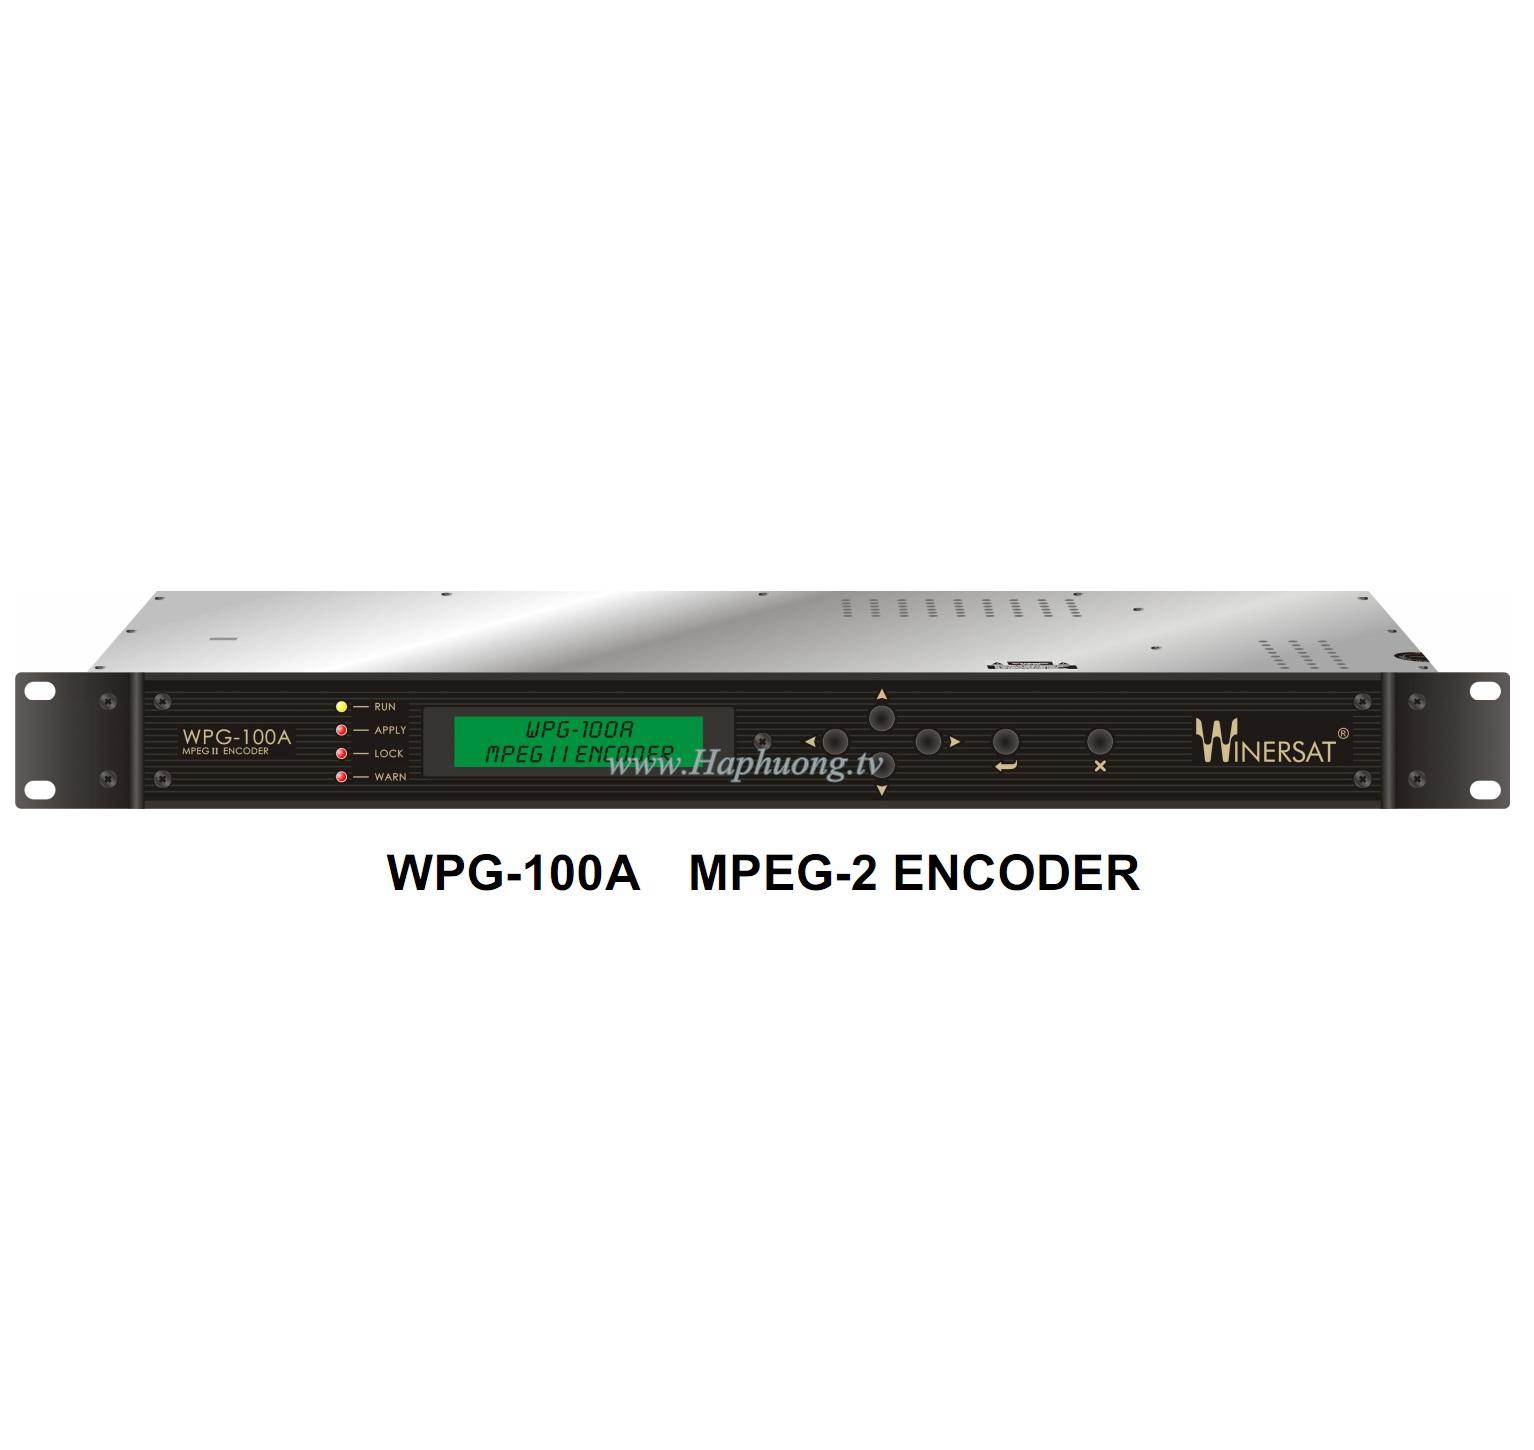 Encoder MPEG 2 Winersat WPG-100A